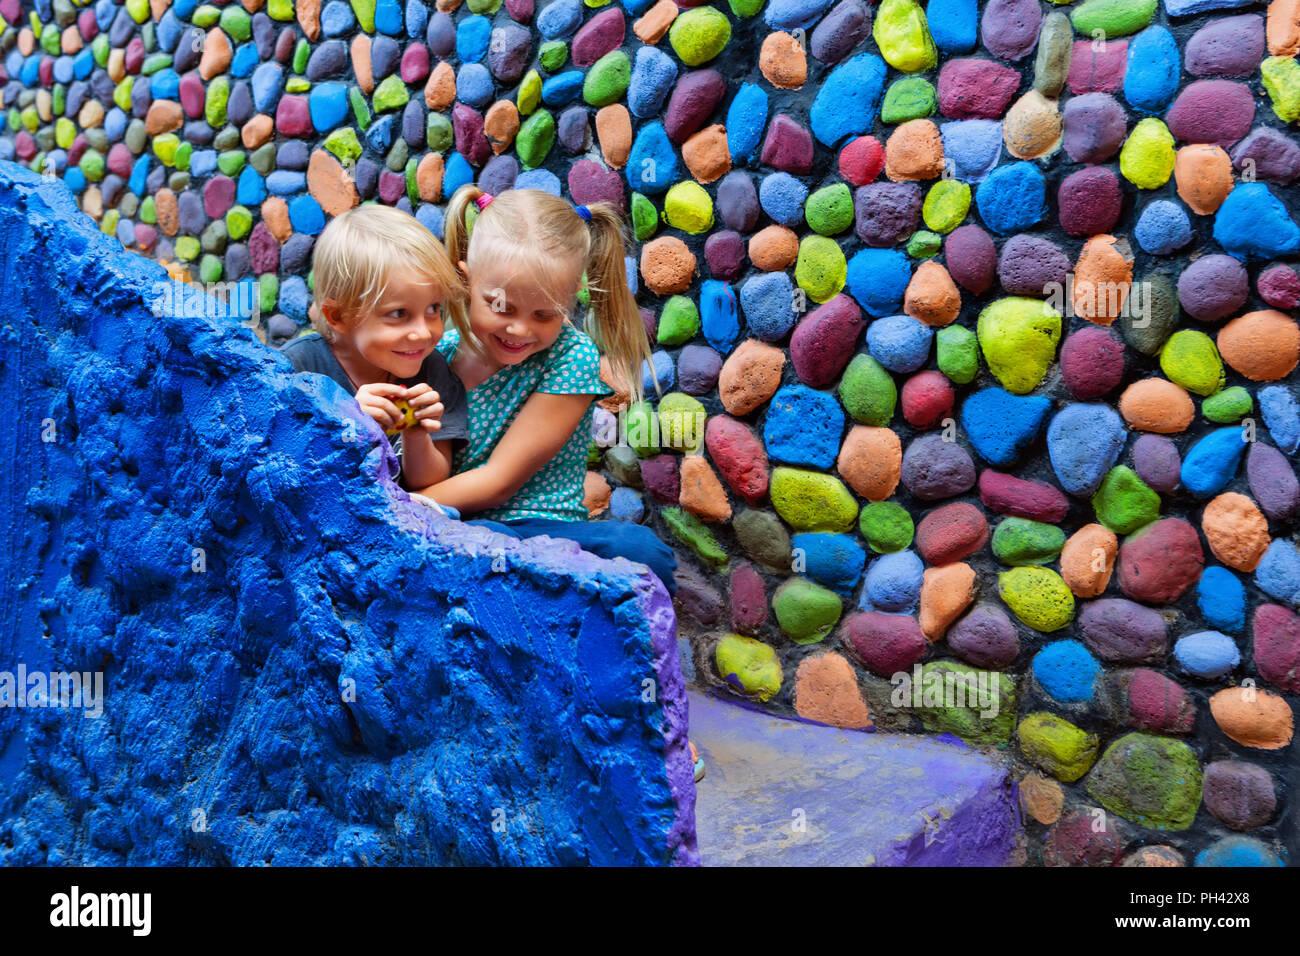 Zwei glückliche Kinder haben Spaß zusammen draußen sitzen zu Hause auf bunten Steintreppe. Verspielte Mädchen hug Lachen jüngeren Bruder. Reisen, Wandern ci Stockbild